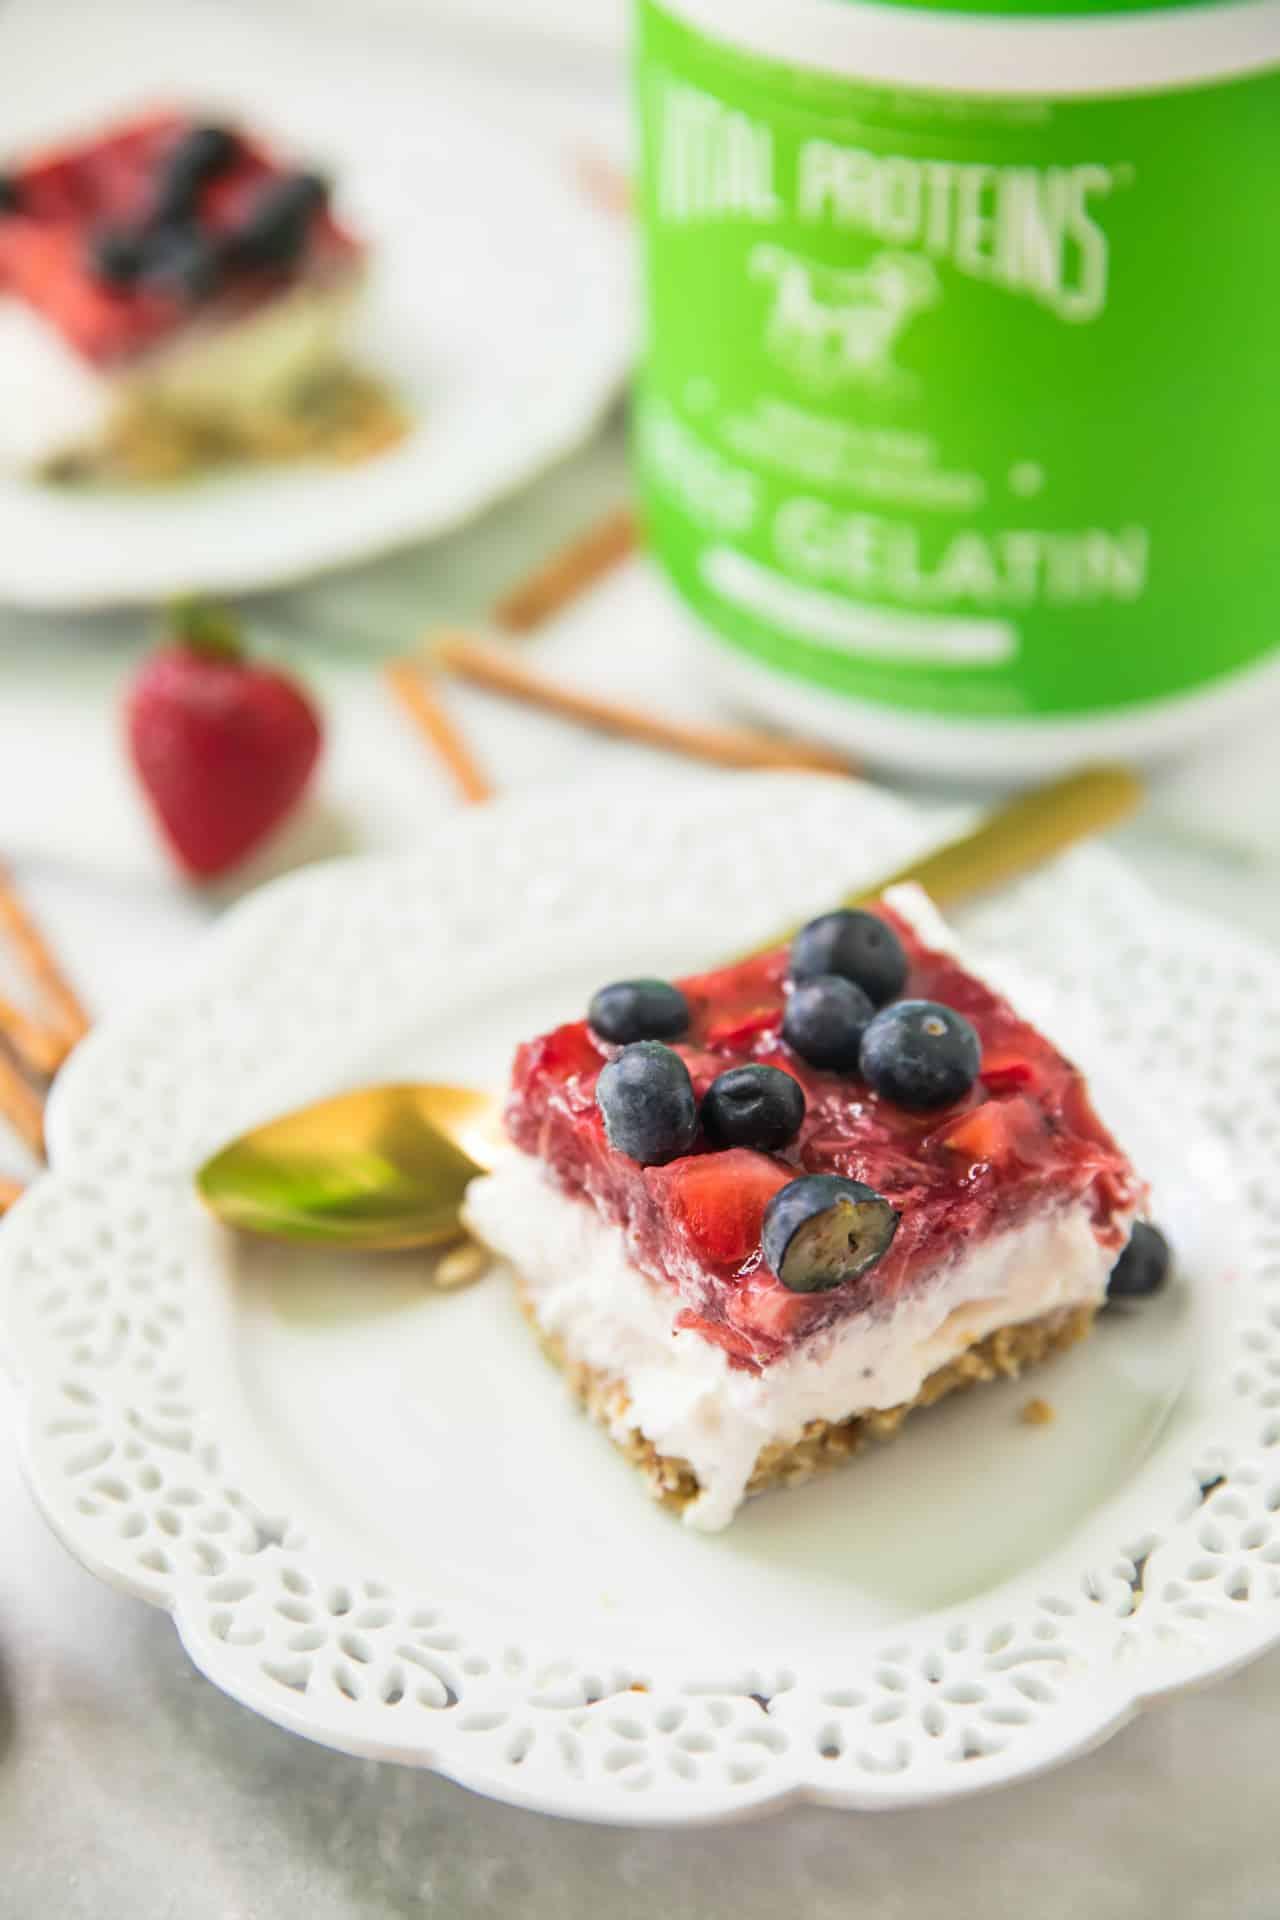 Skinny Strawberry Pretzel Dessert